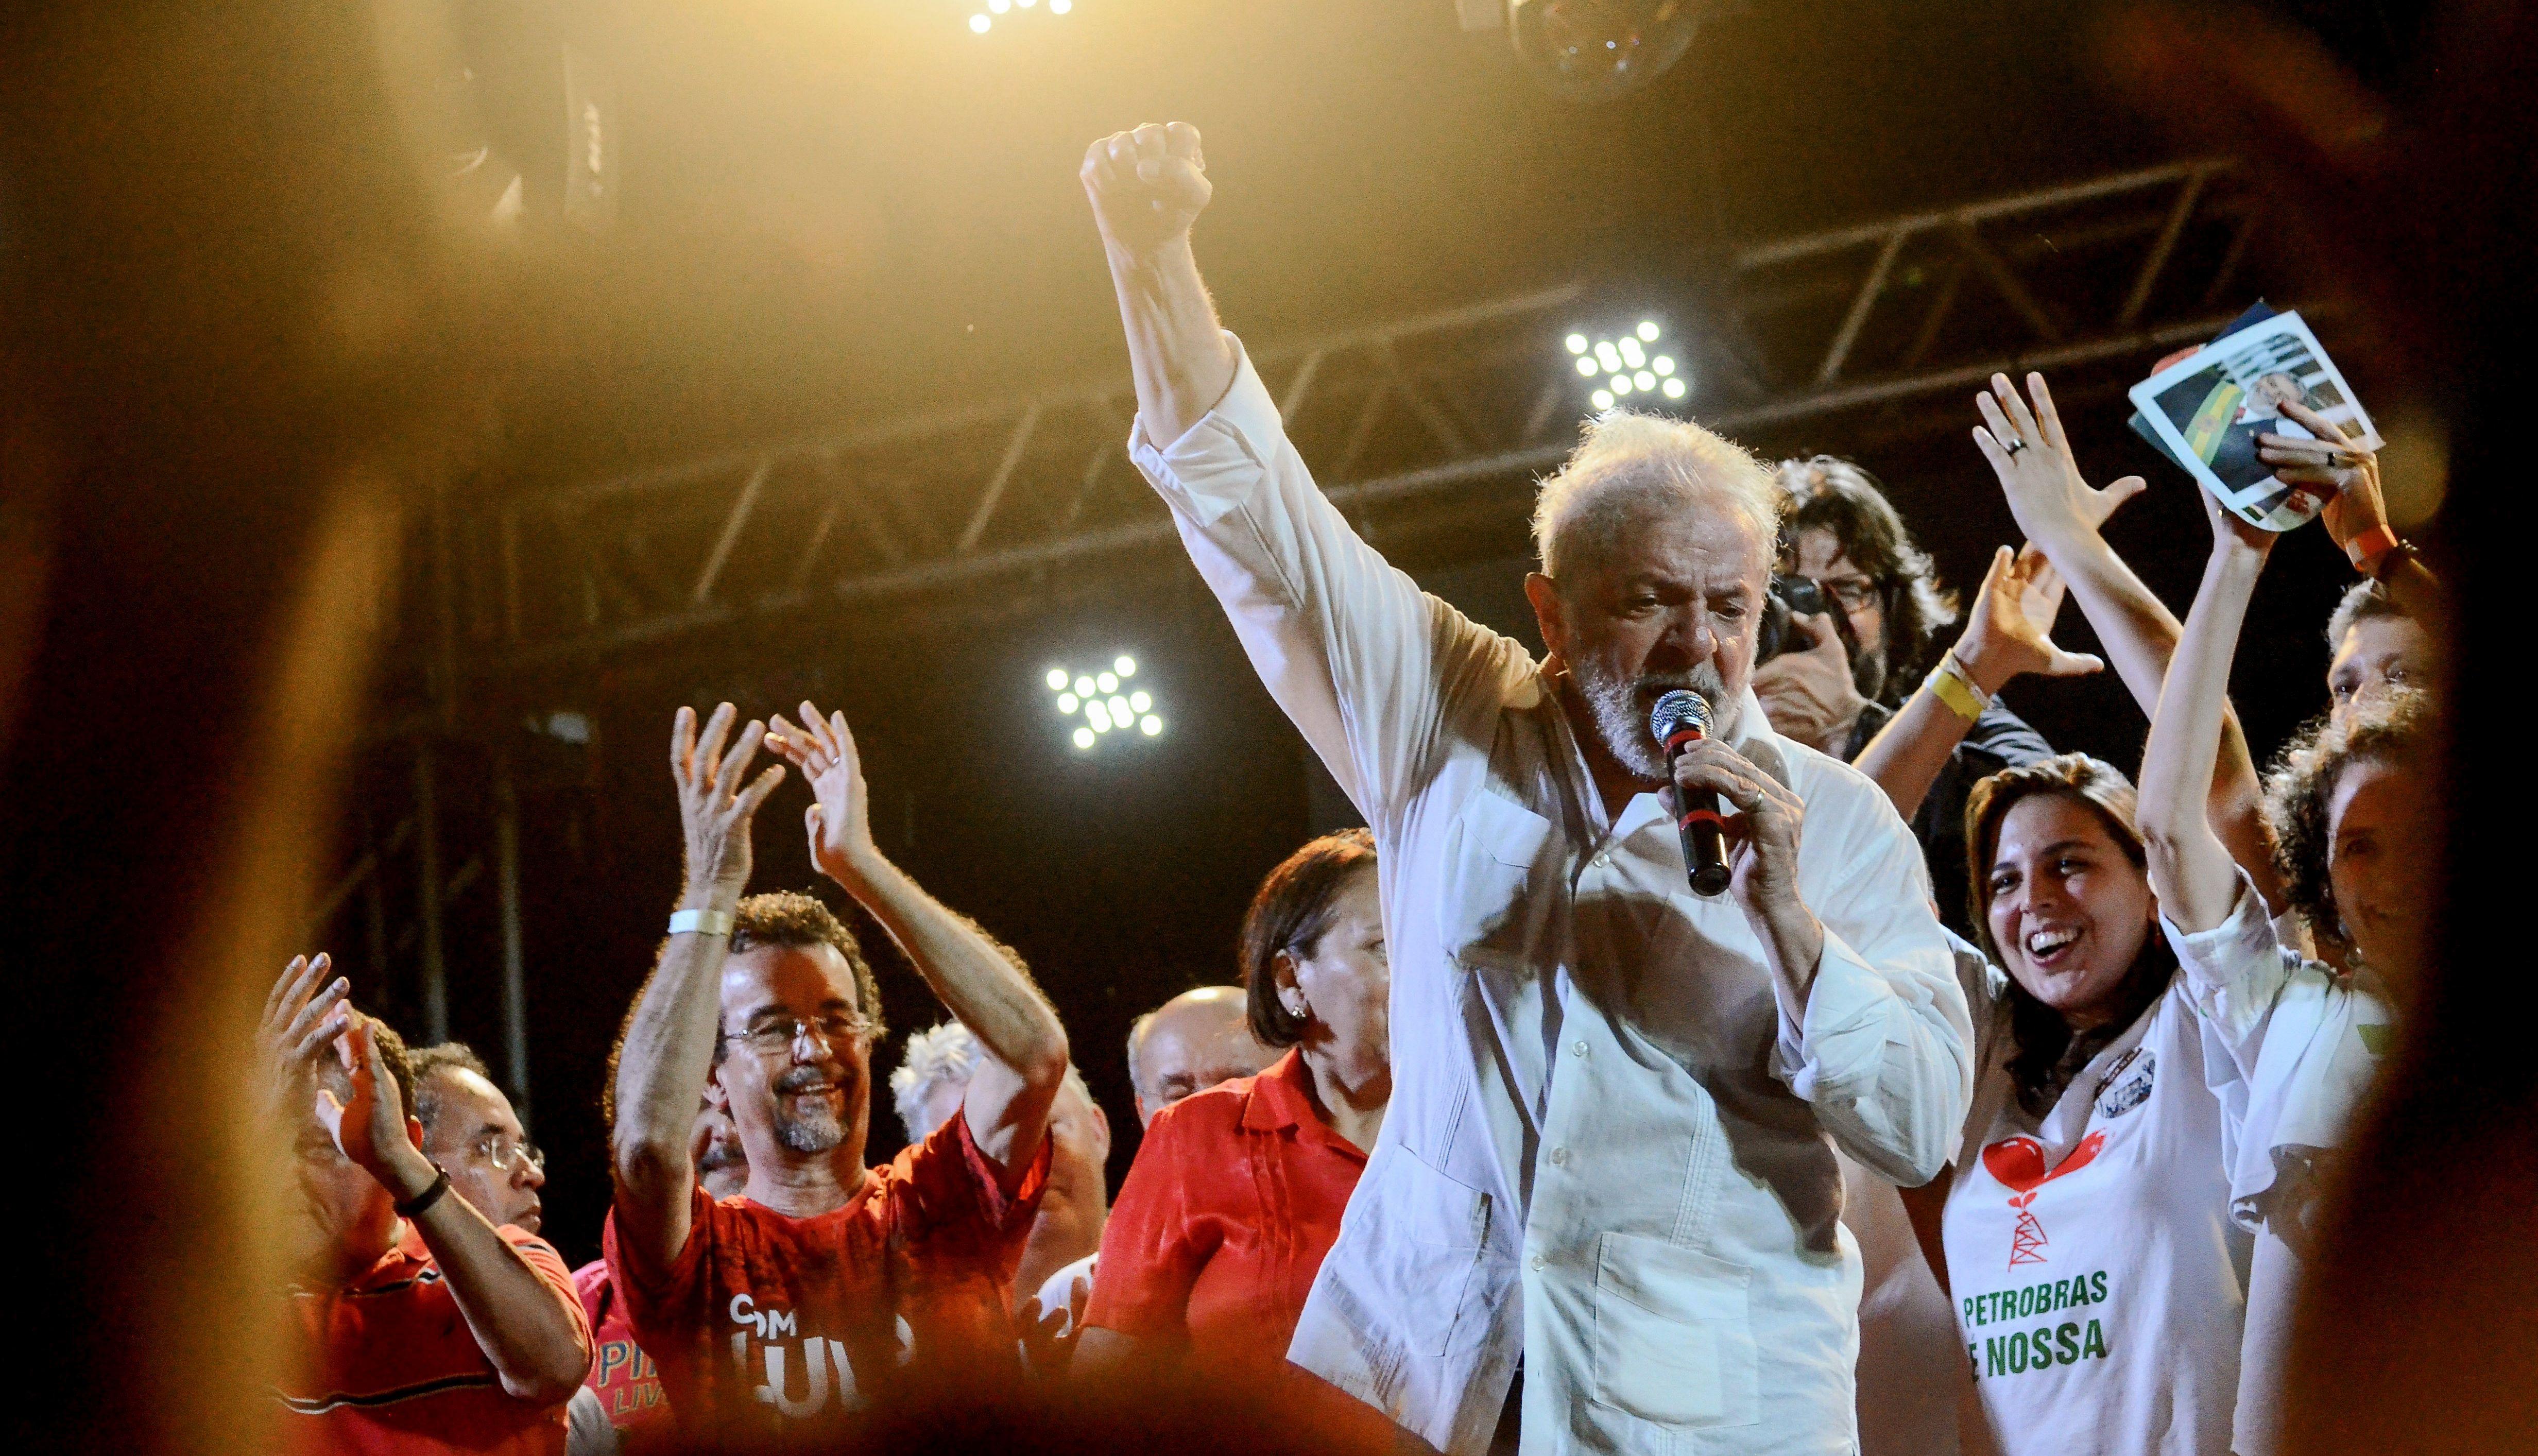 Bivši brazilski čelnici Lula i Rousseff optuženi za korupciju